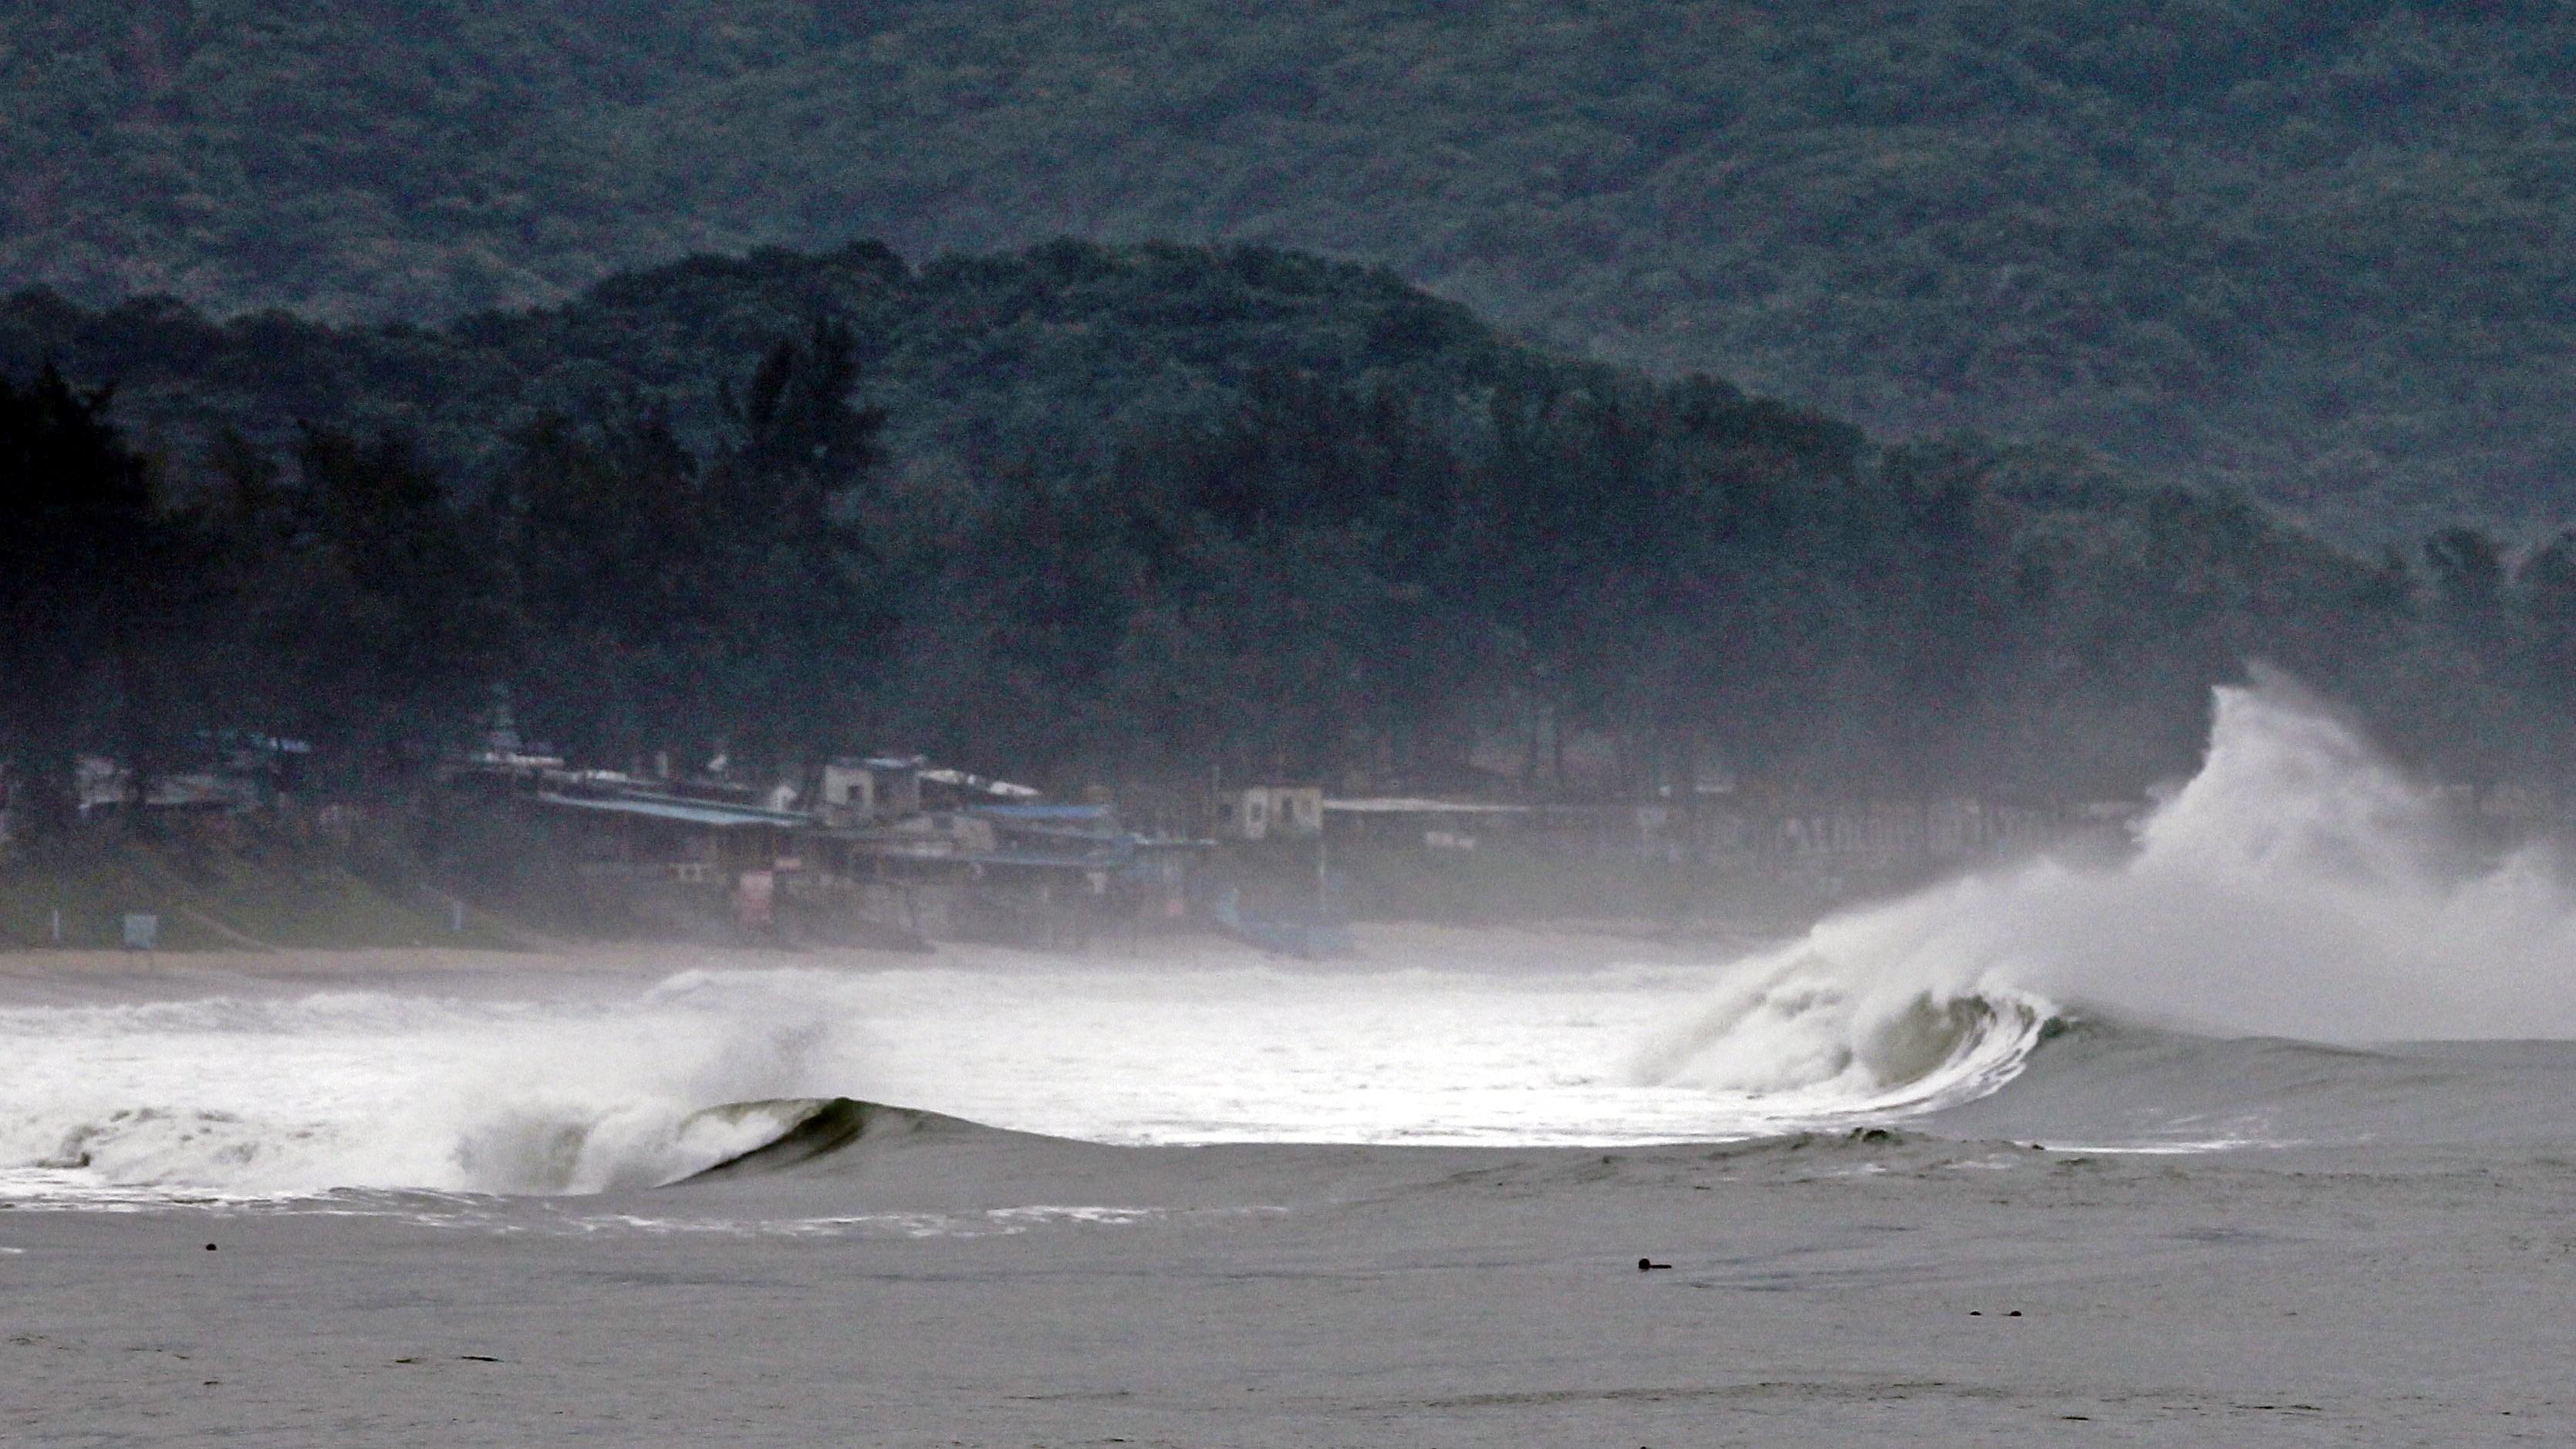 Japonia va fi lovita de un nou taifun care ar putea afecta centrala nucleara de la Fukushima